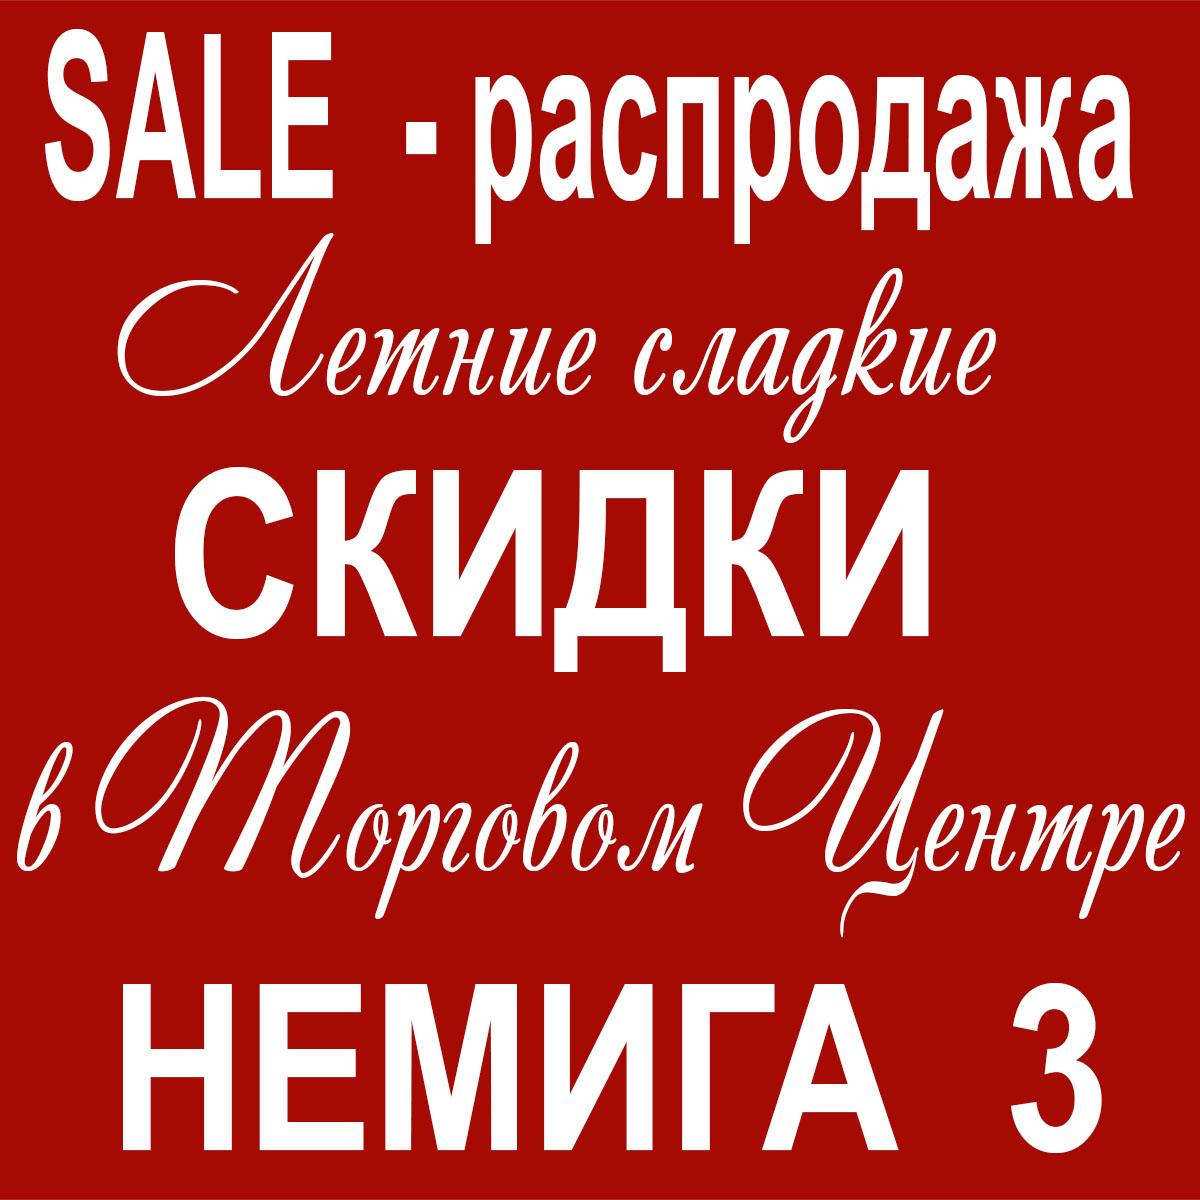 СКИДКИ, АКЦИИ, РАСПРОДАЖИ в Торговом Центре «НЕМИГА 3»